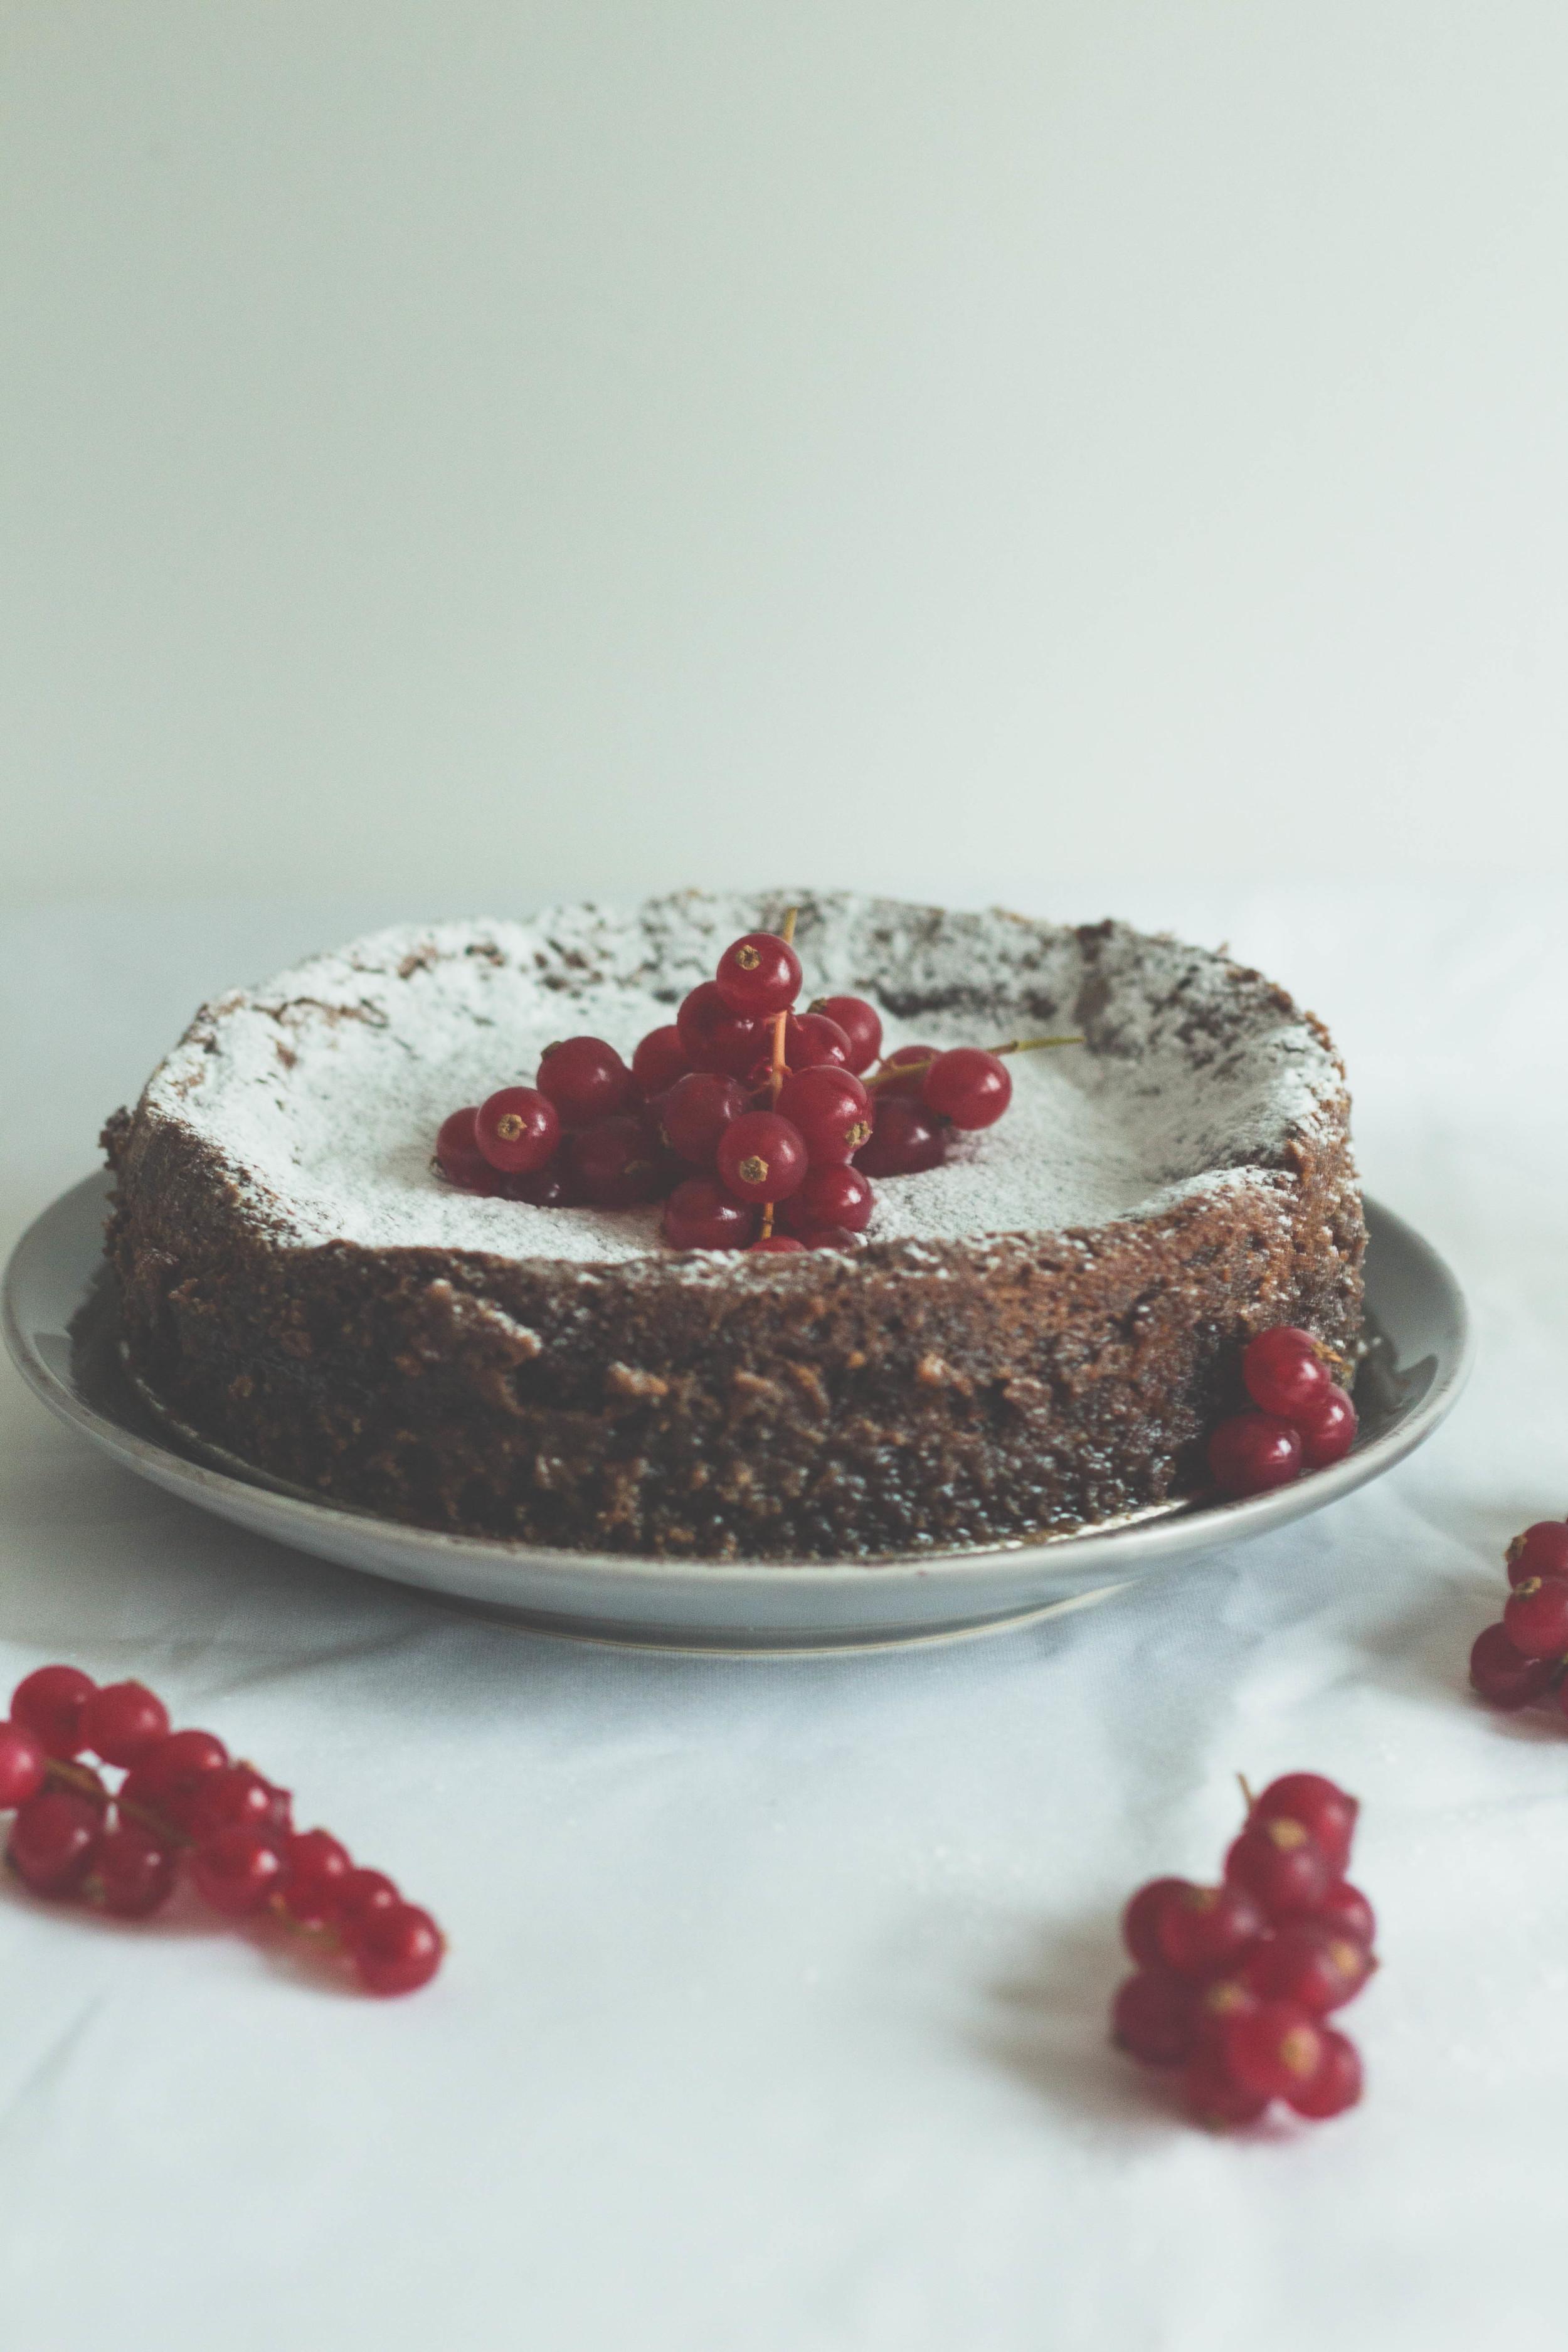 swedish choco cake5